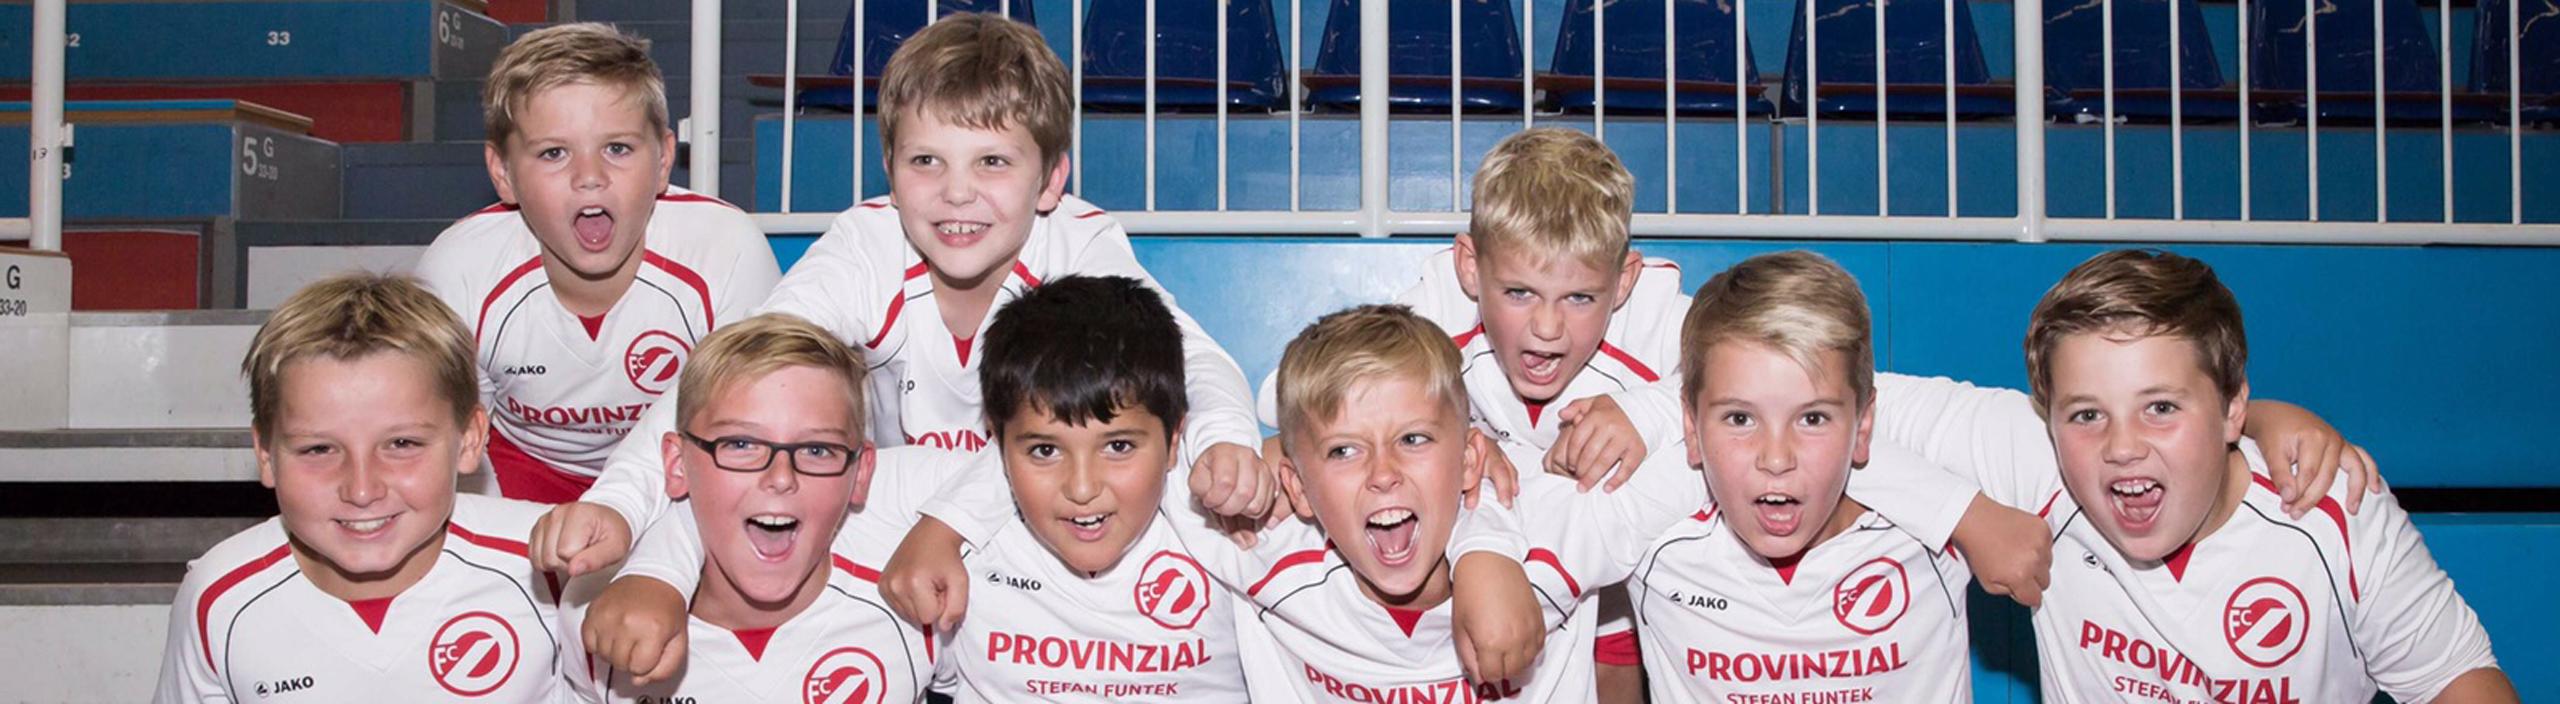 Fußball contra Schule: Fußballverbot bei schlechten Noten?